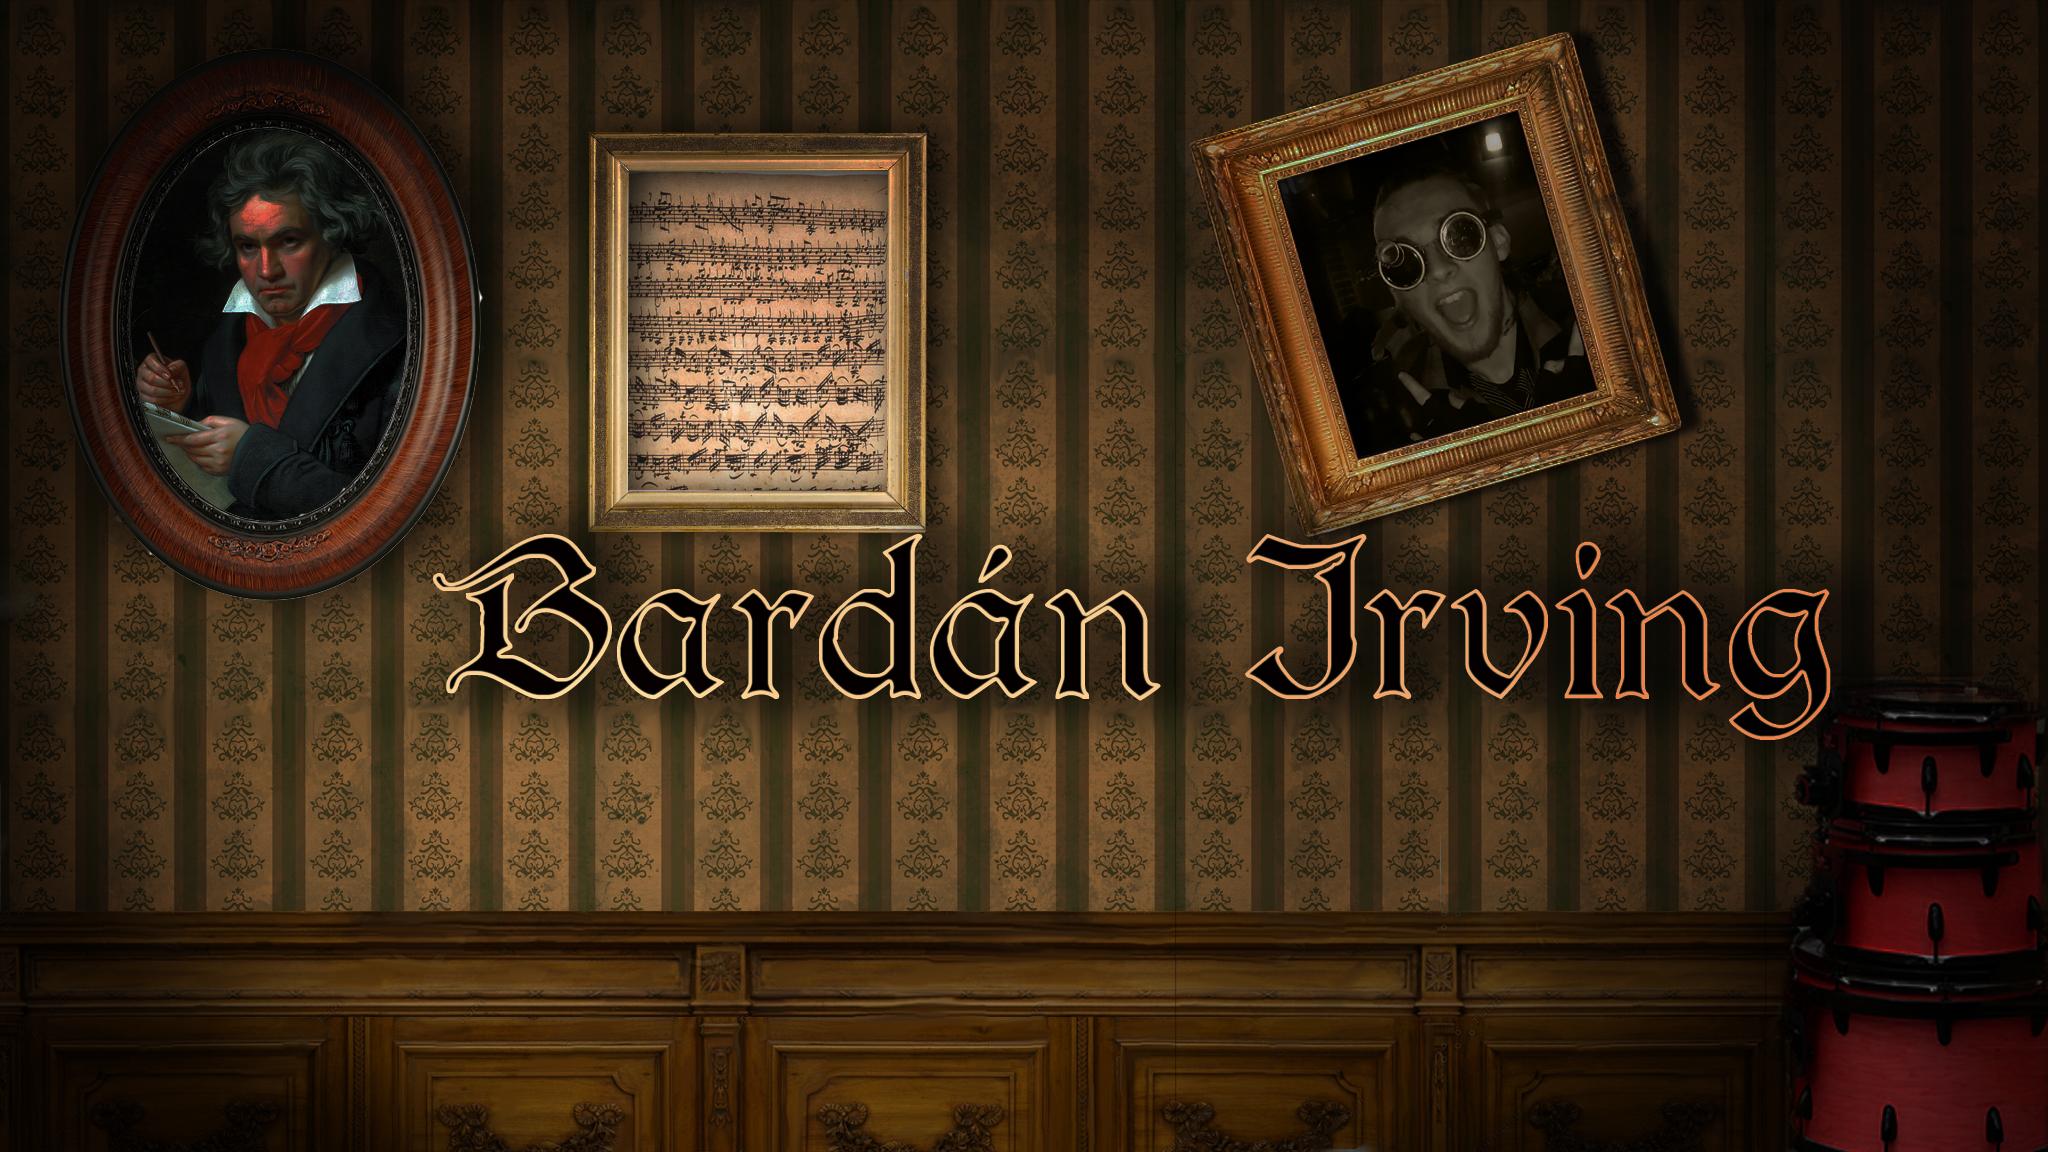 Bardan Irving